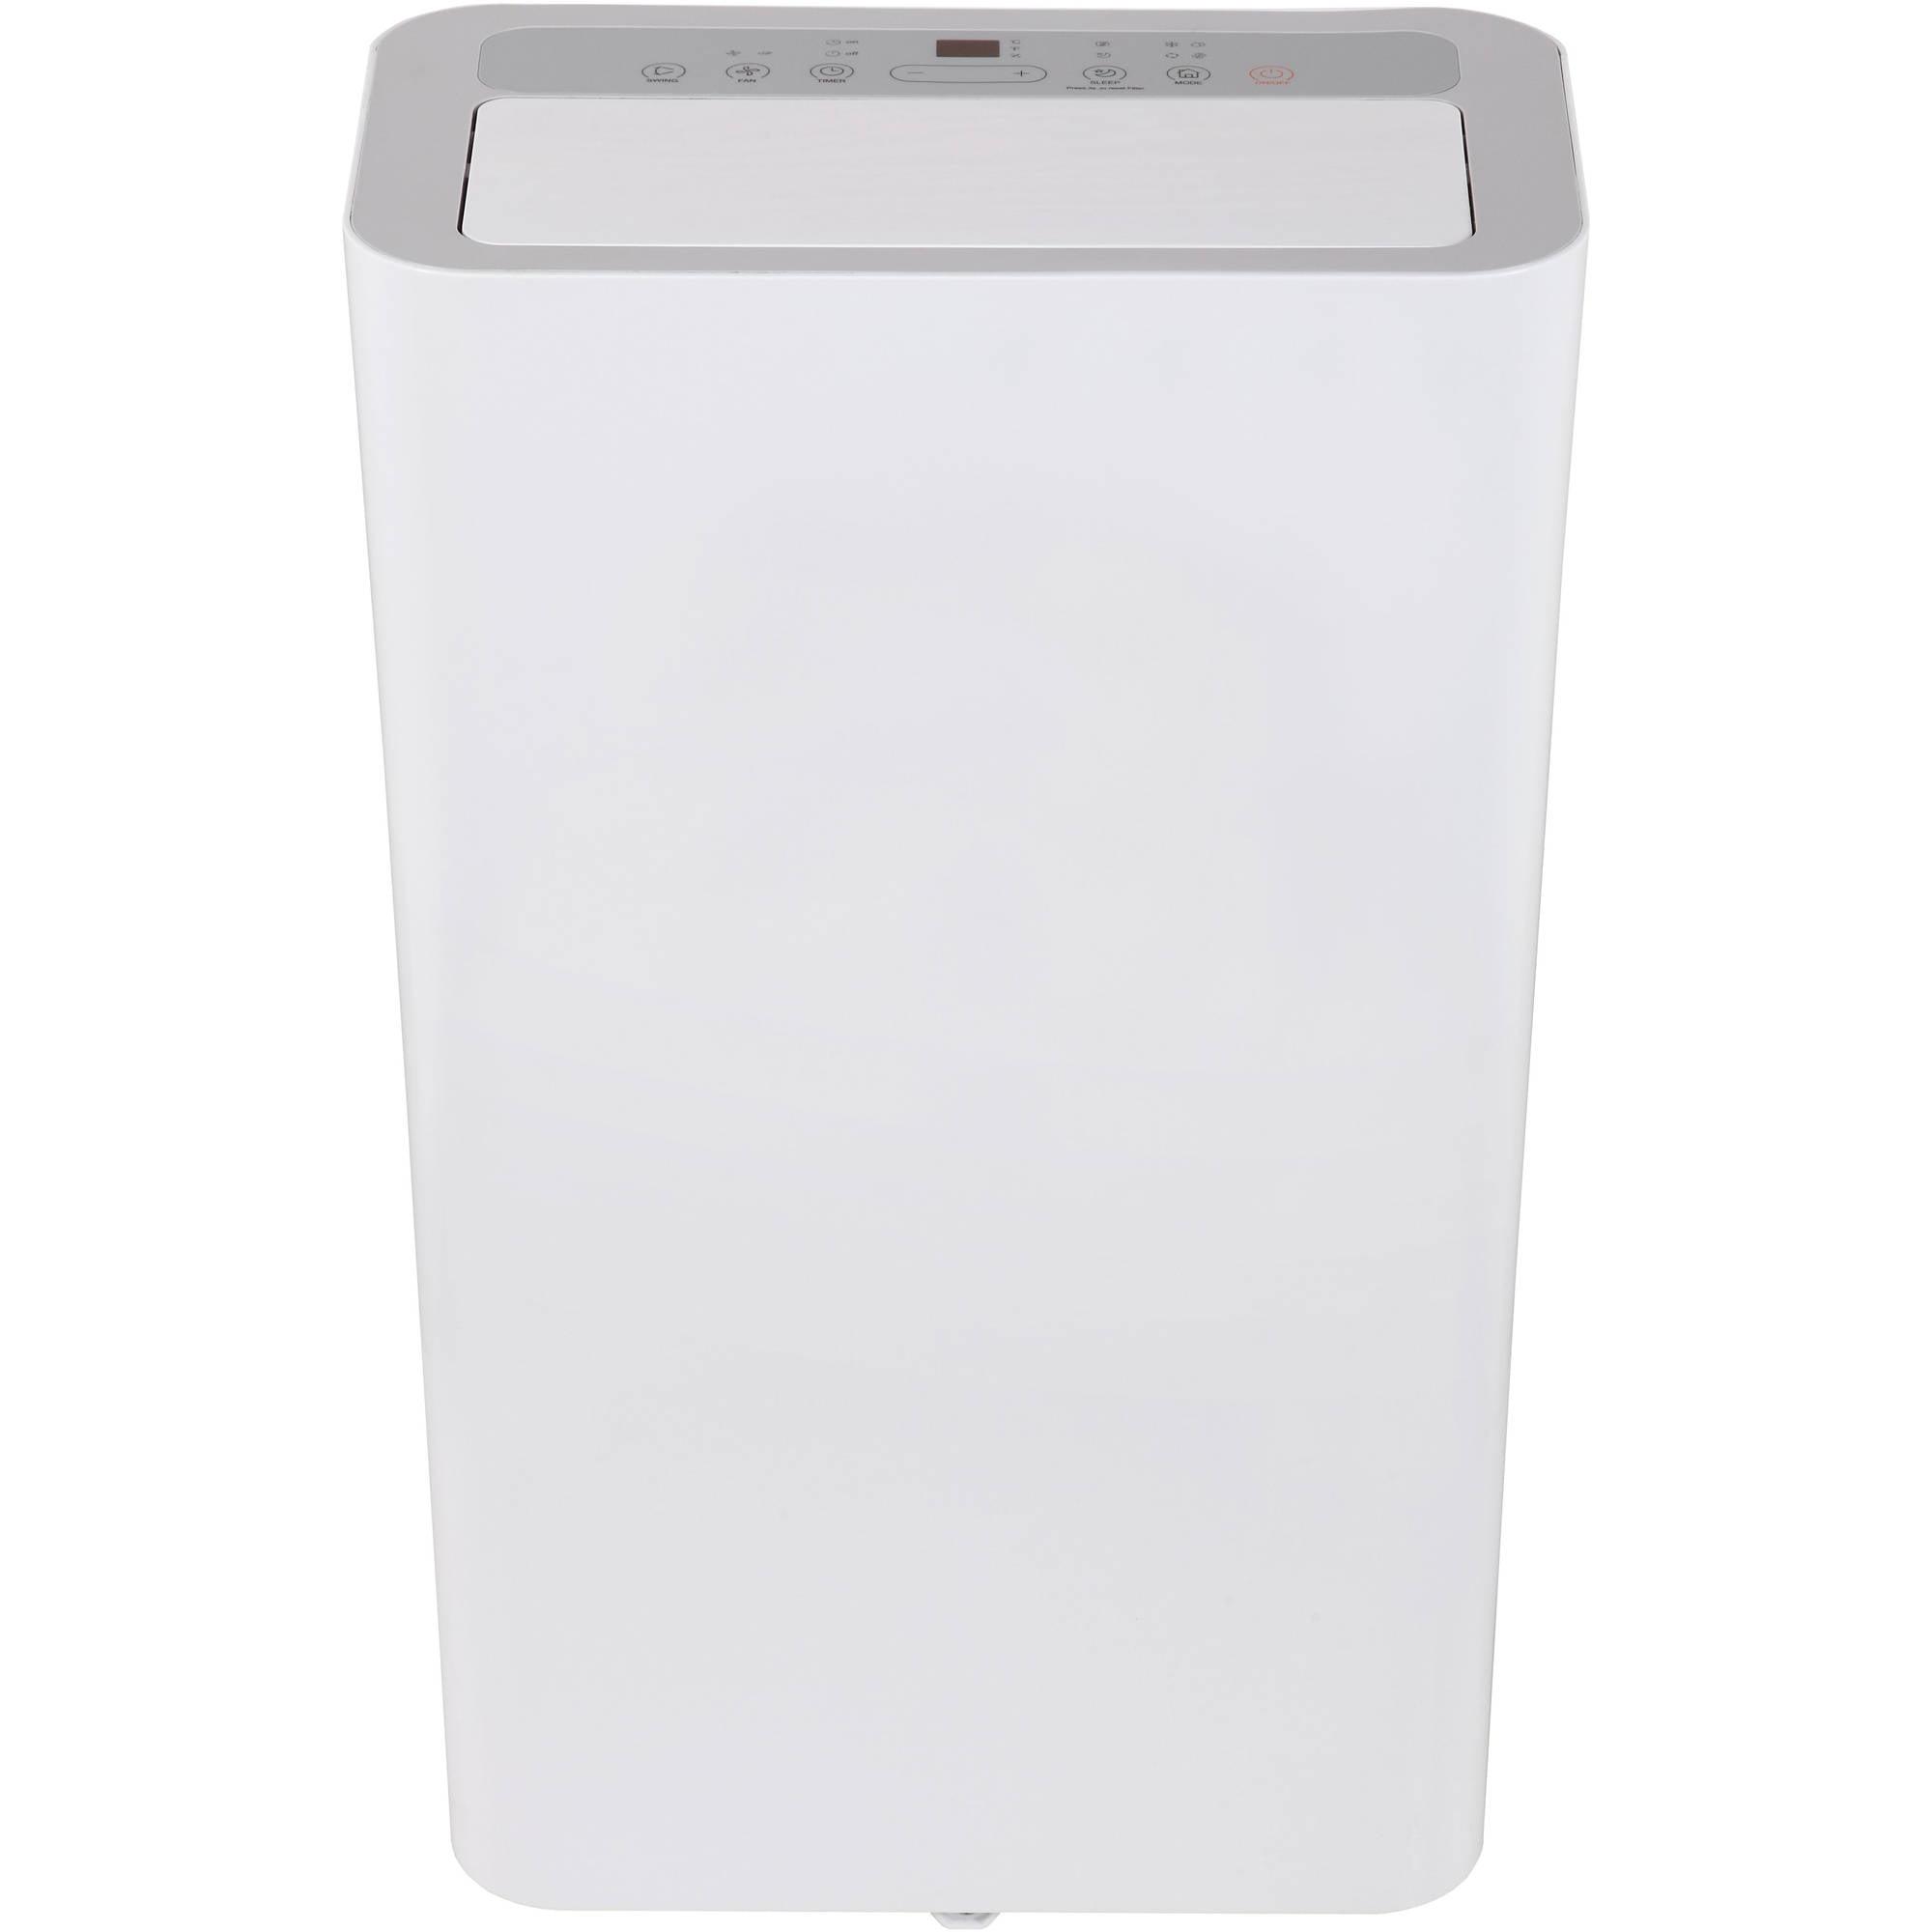 Midea 12,000BTU Super Quiet Portable Air Conditioner - Walmart com